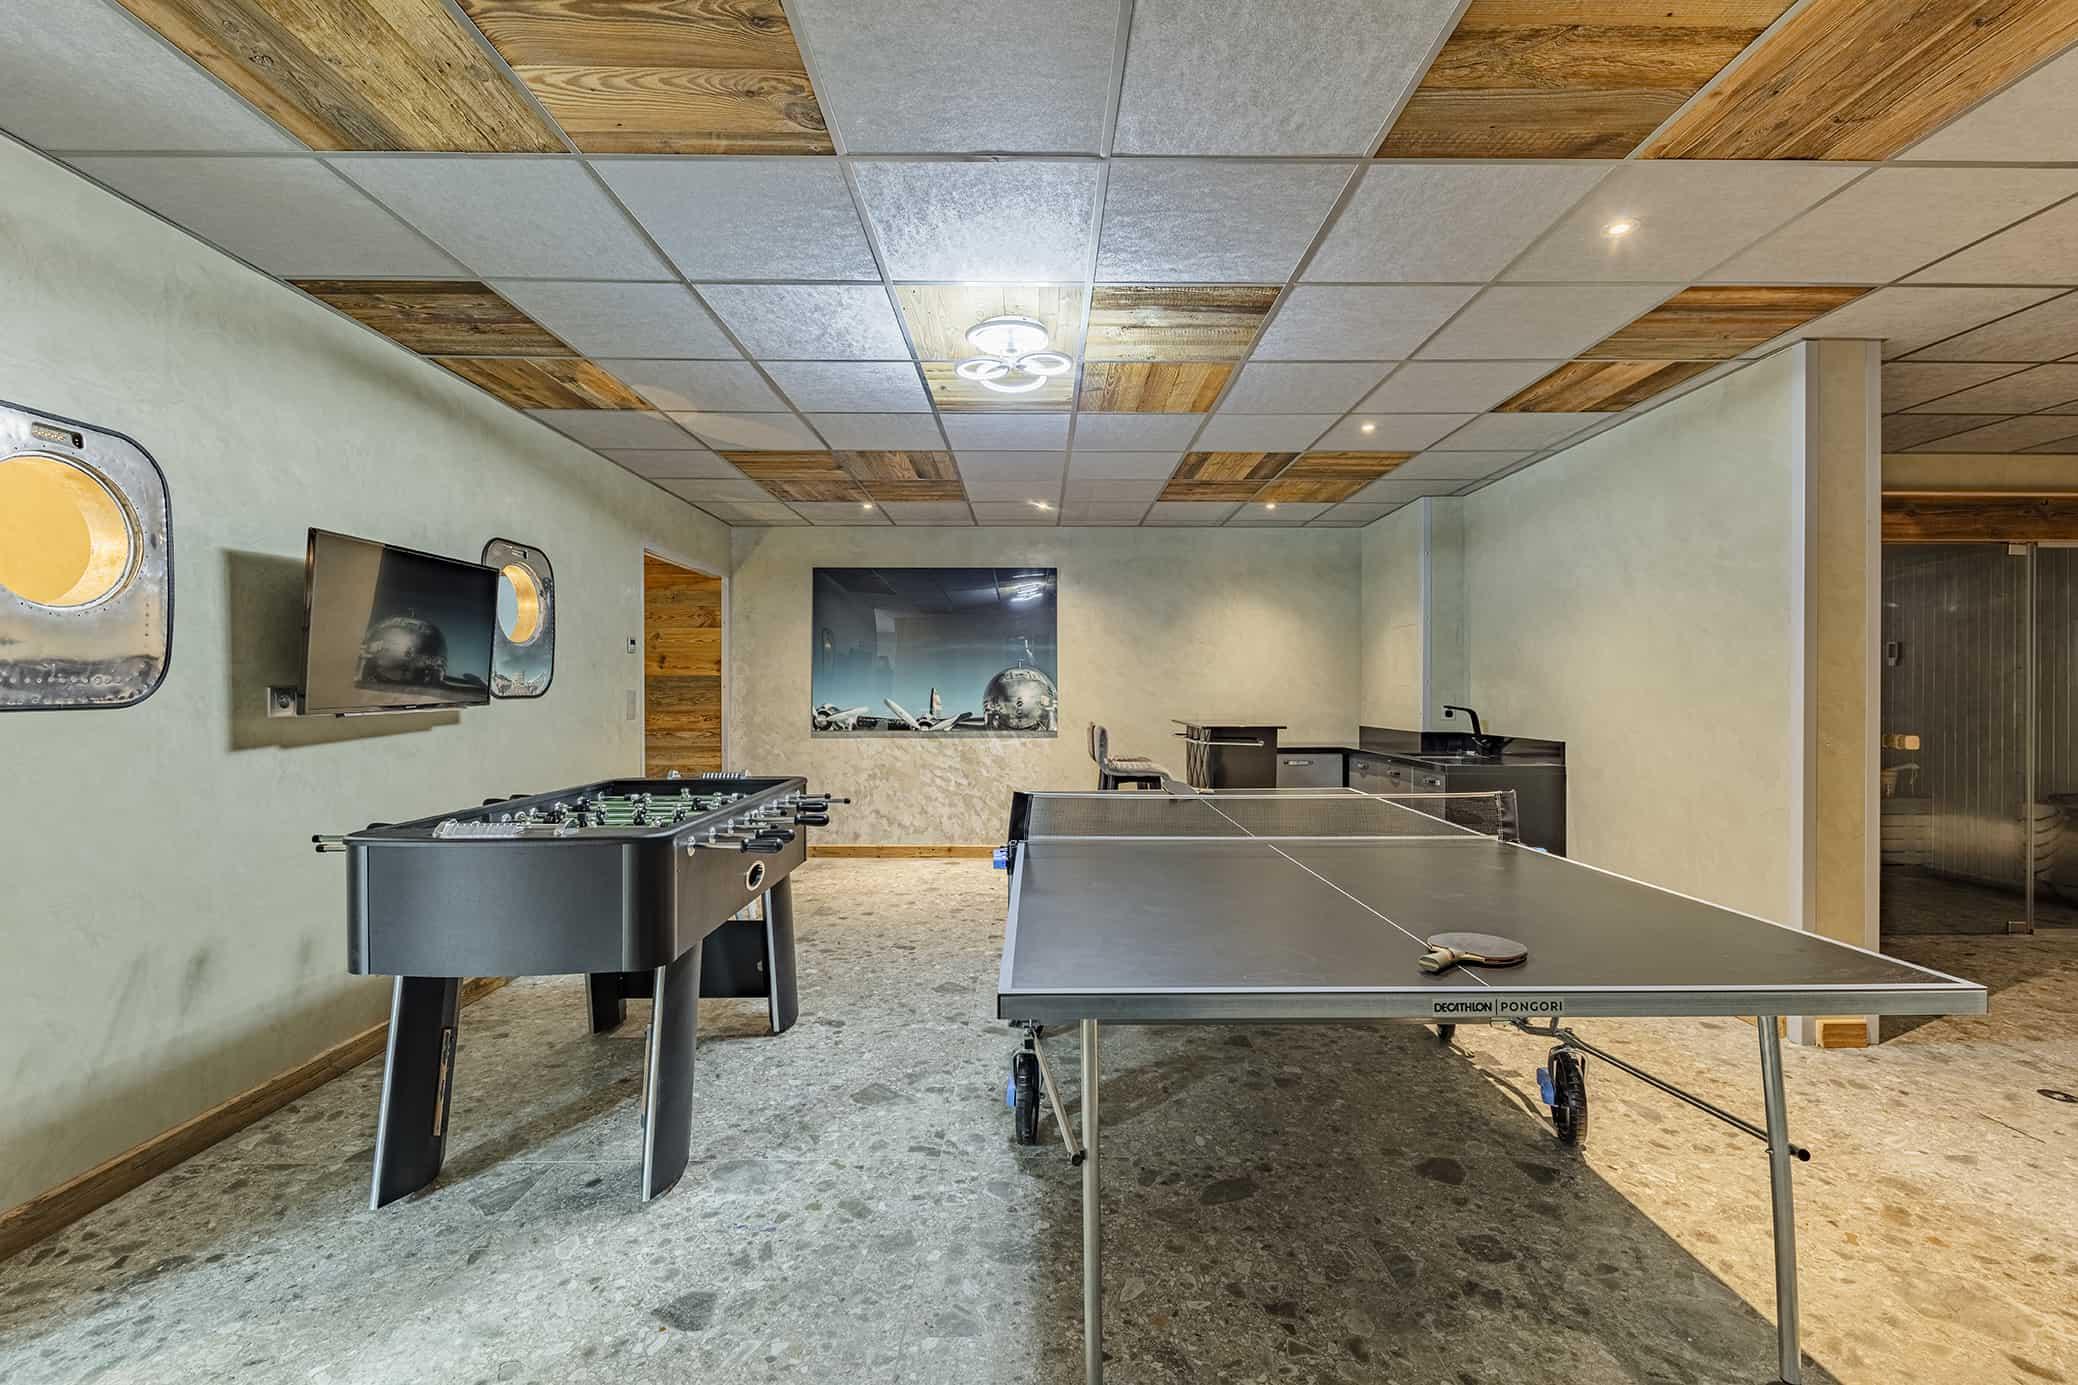 Chalet de luxe avec table de ping pong et babyfoot à Tignes